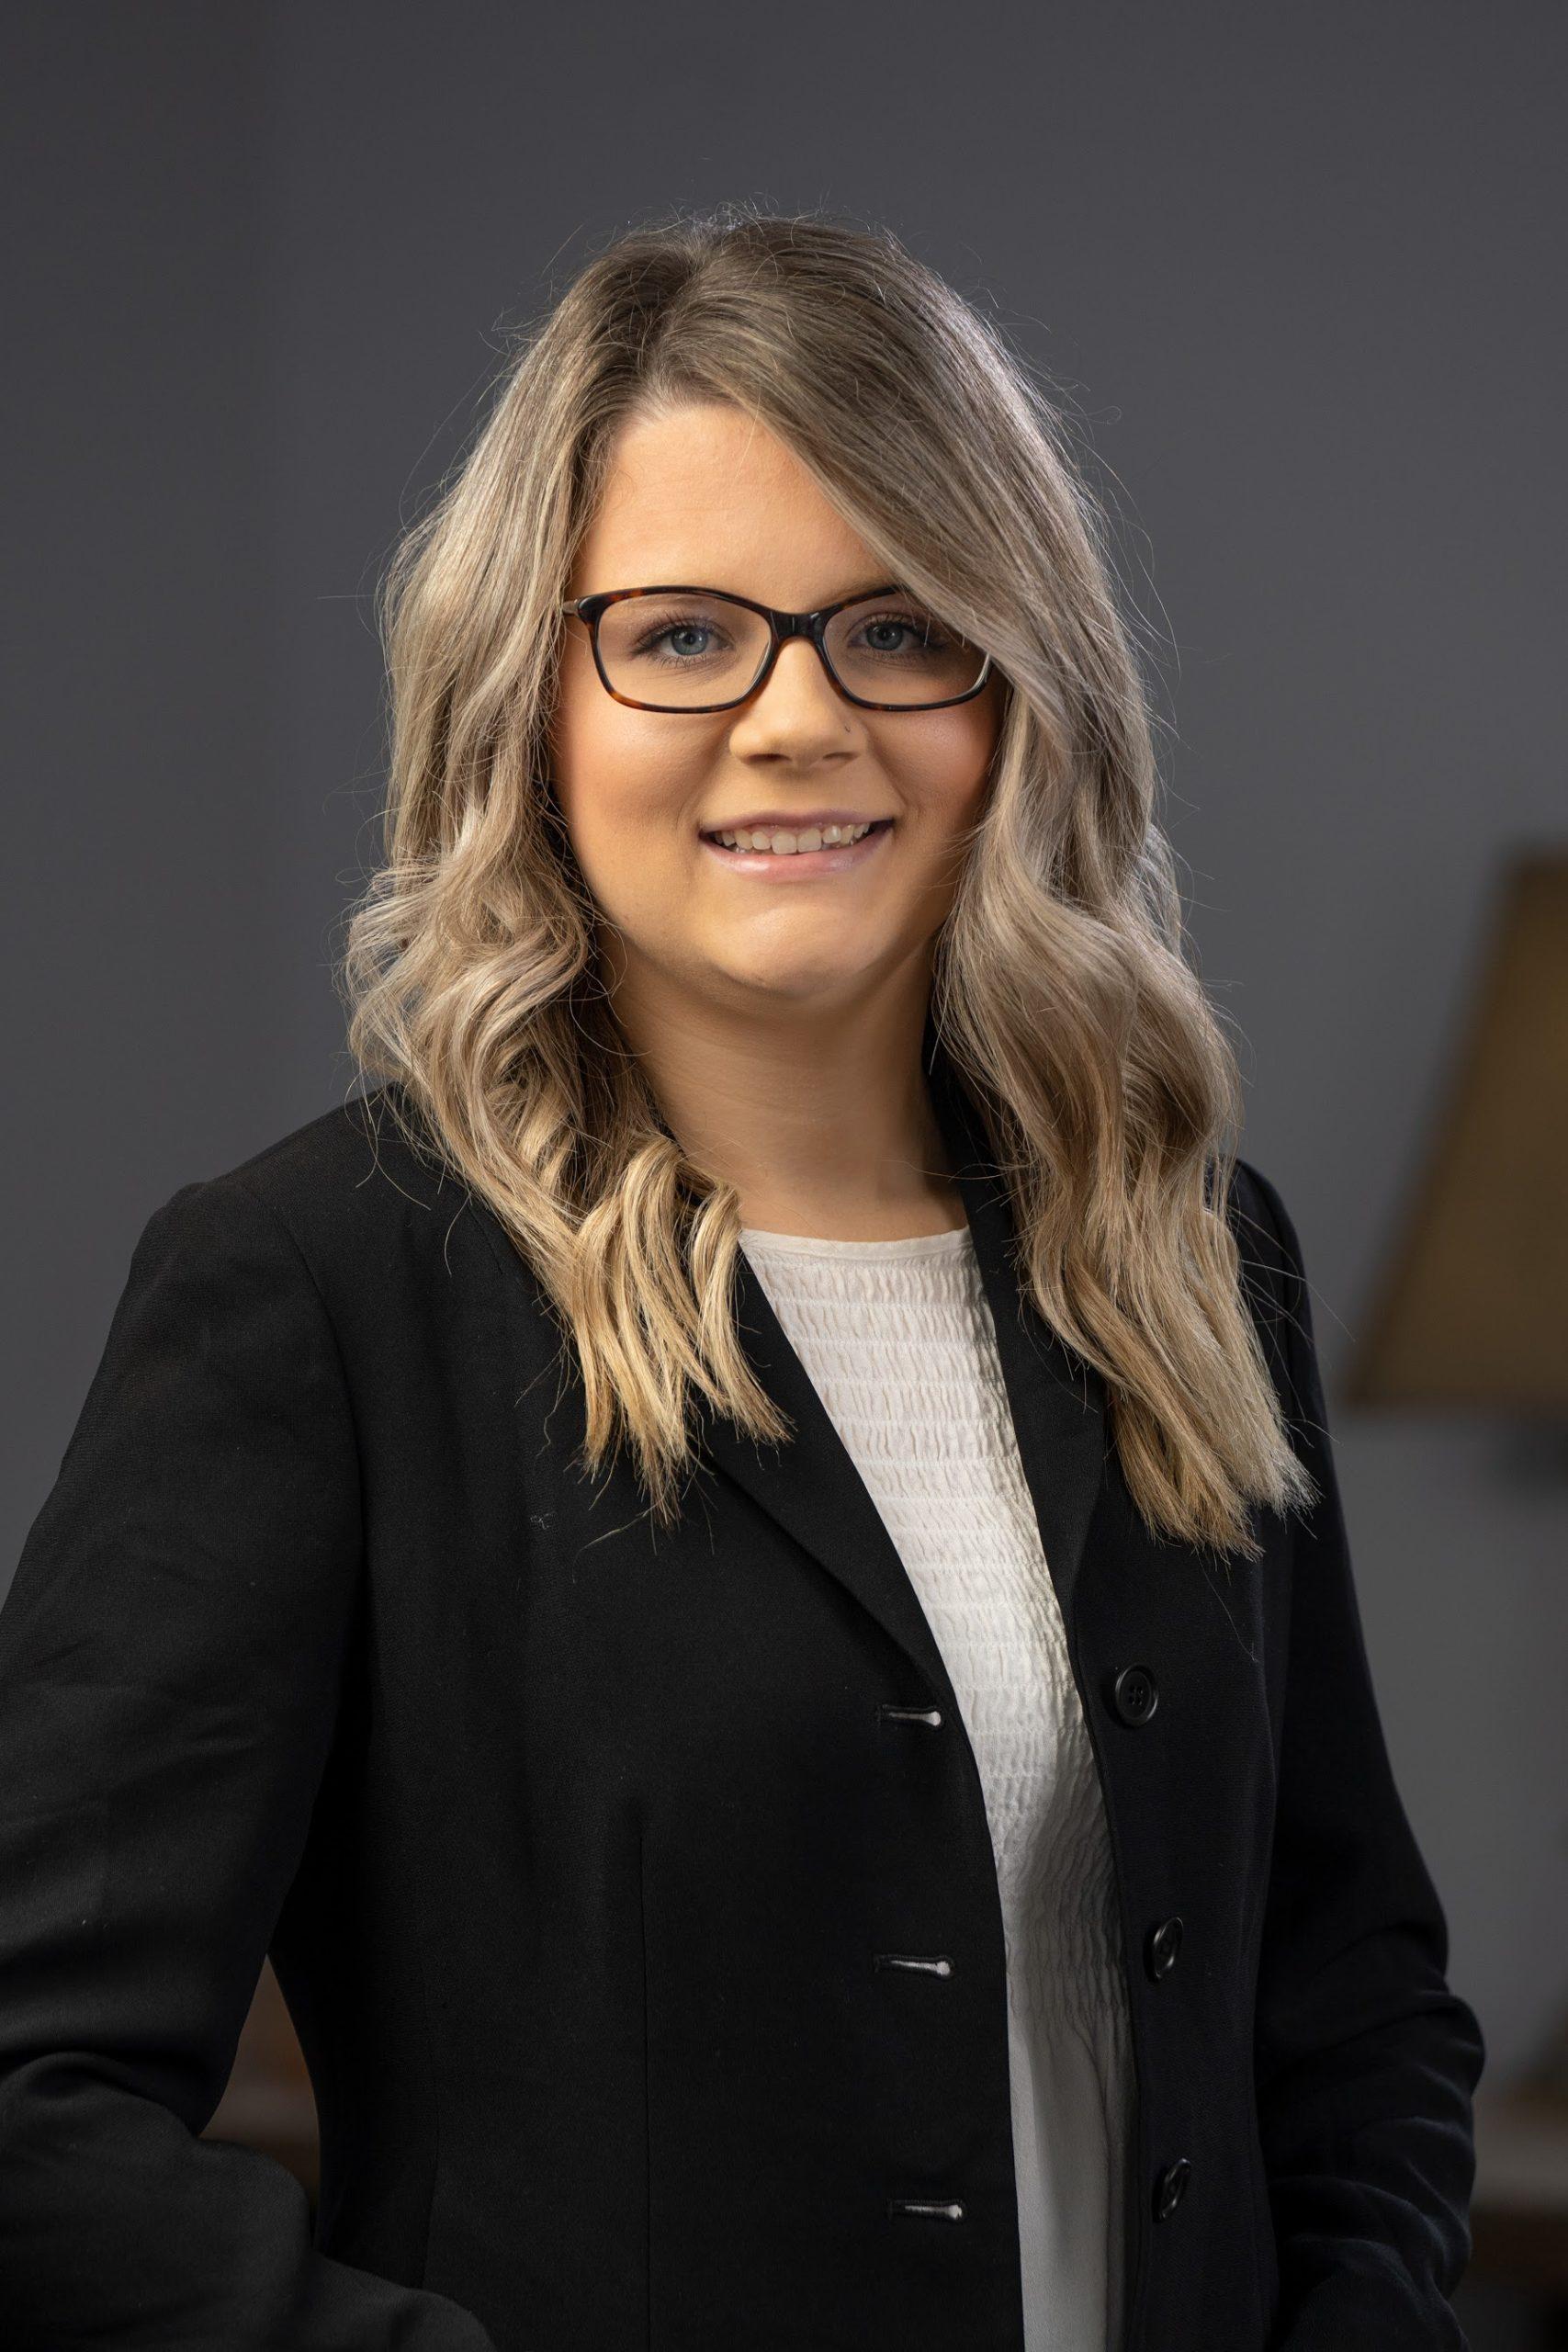 Kayla Nall : Executive Assistant